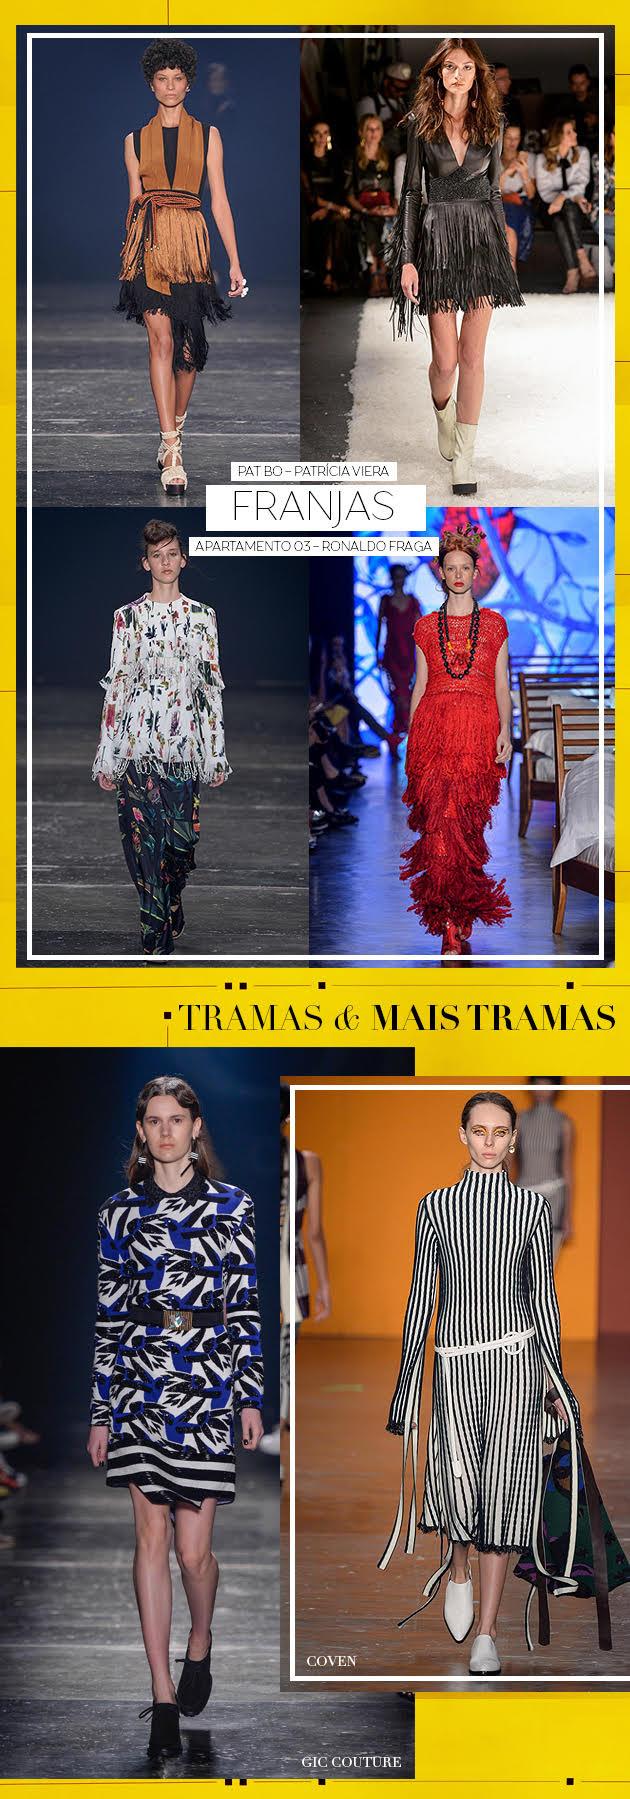 O que vamos usar no inverno 2016? Tendencias trends inverno 2016 próxima estação tudo sobre blog Lari Duarte